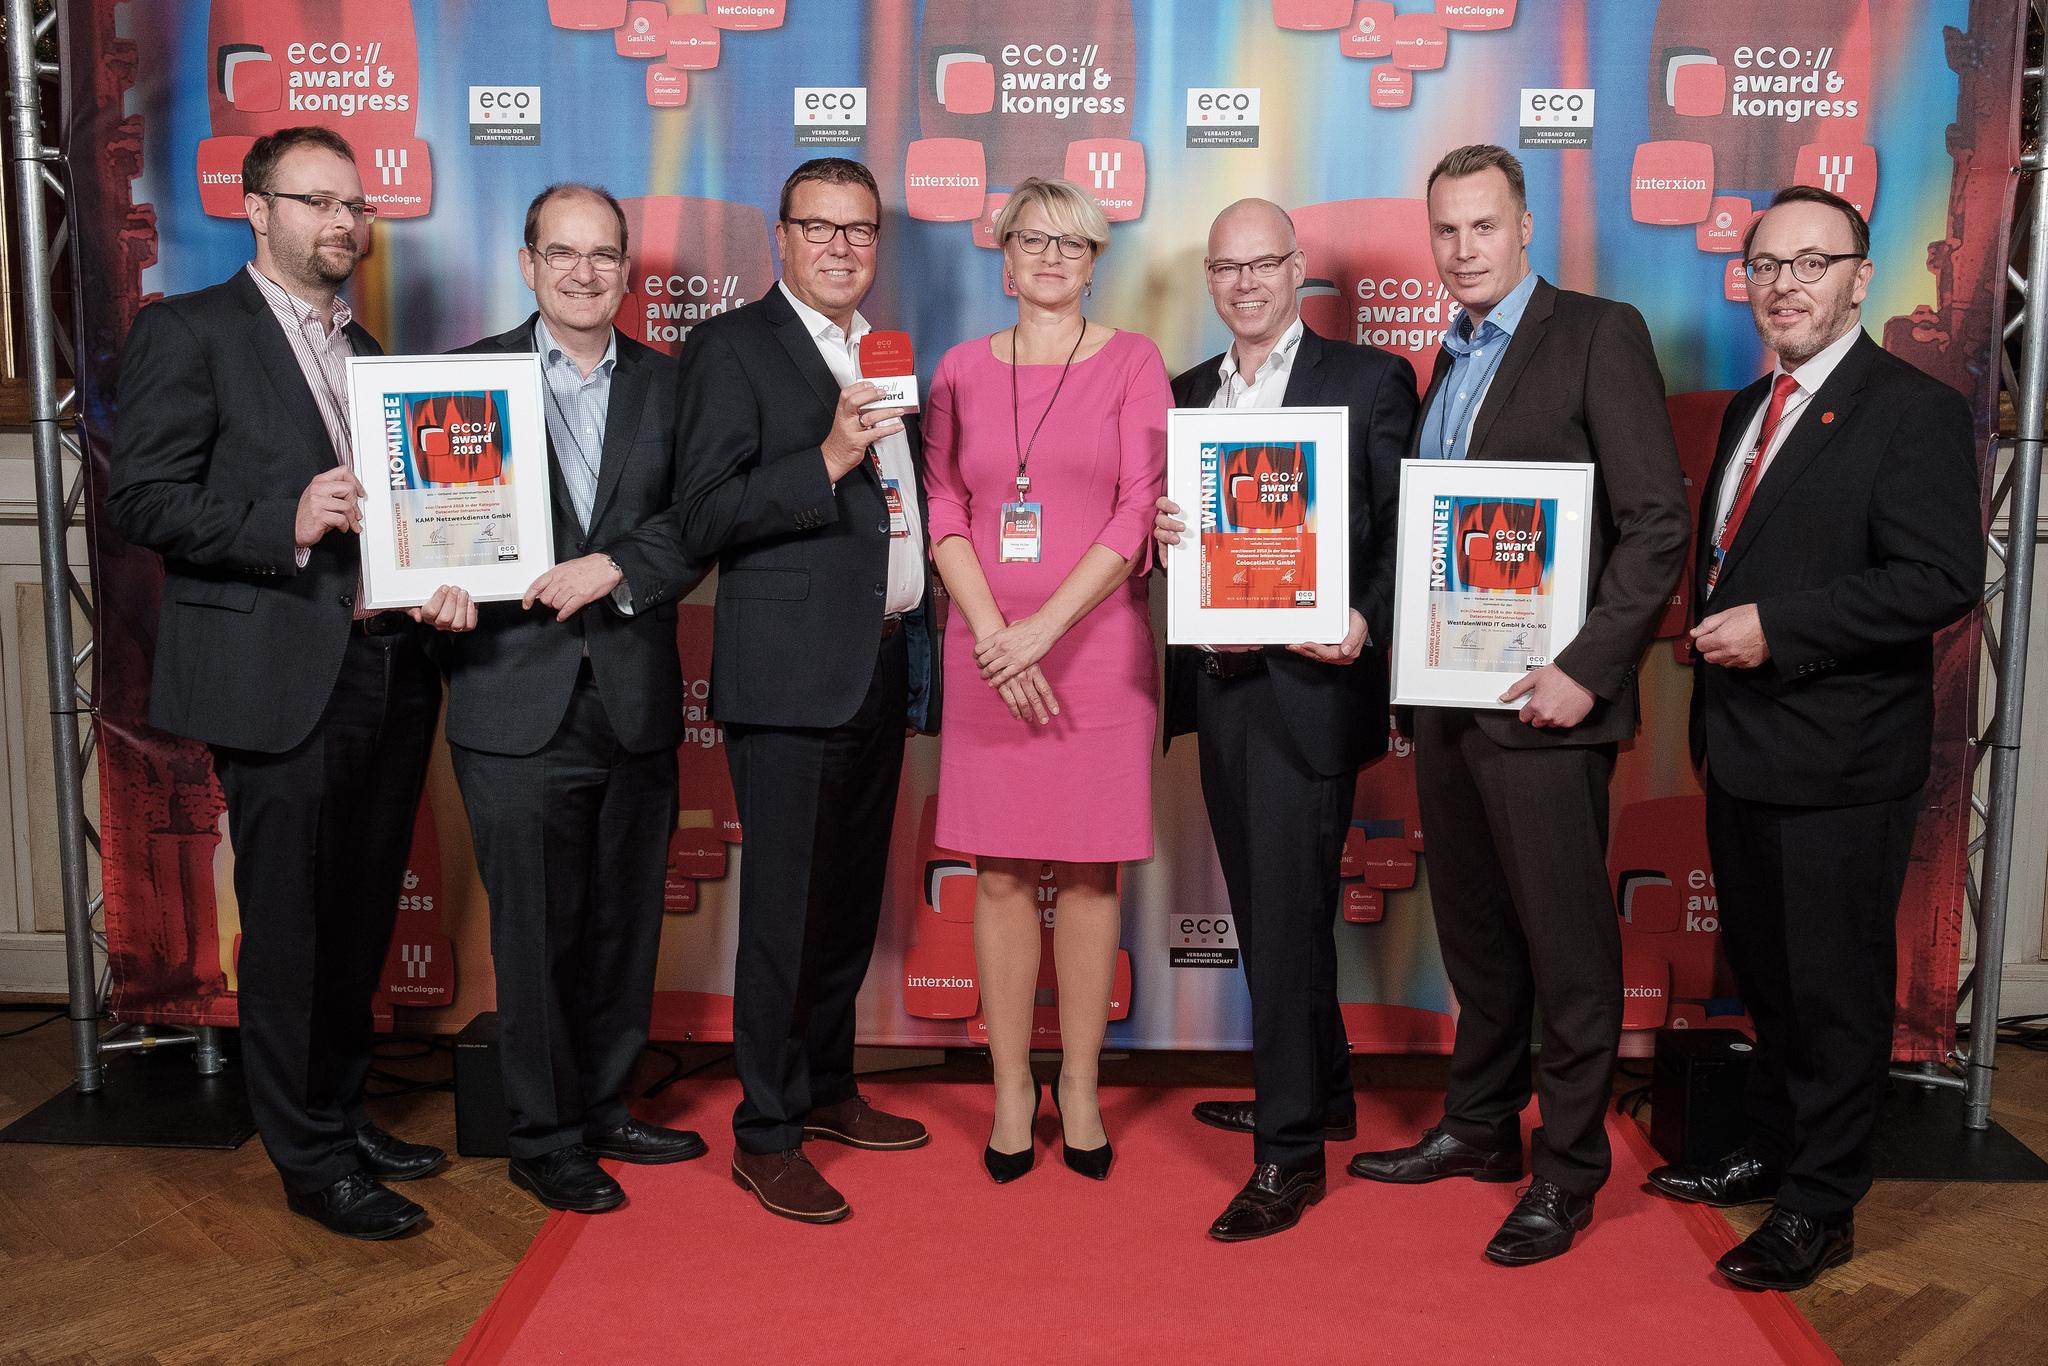 eco://kongress & eco:awards: Gemeinsam die digitale Zukunft gestalten 29